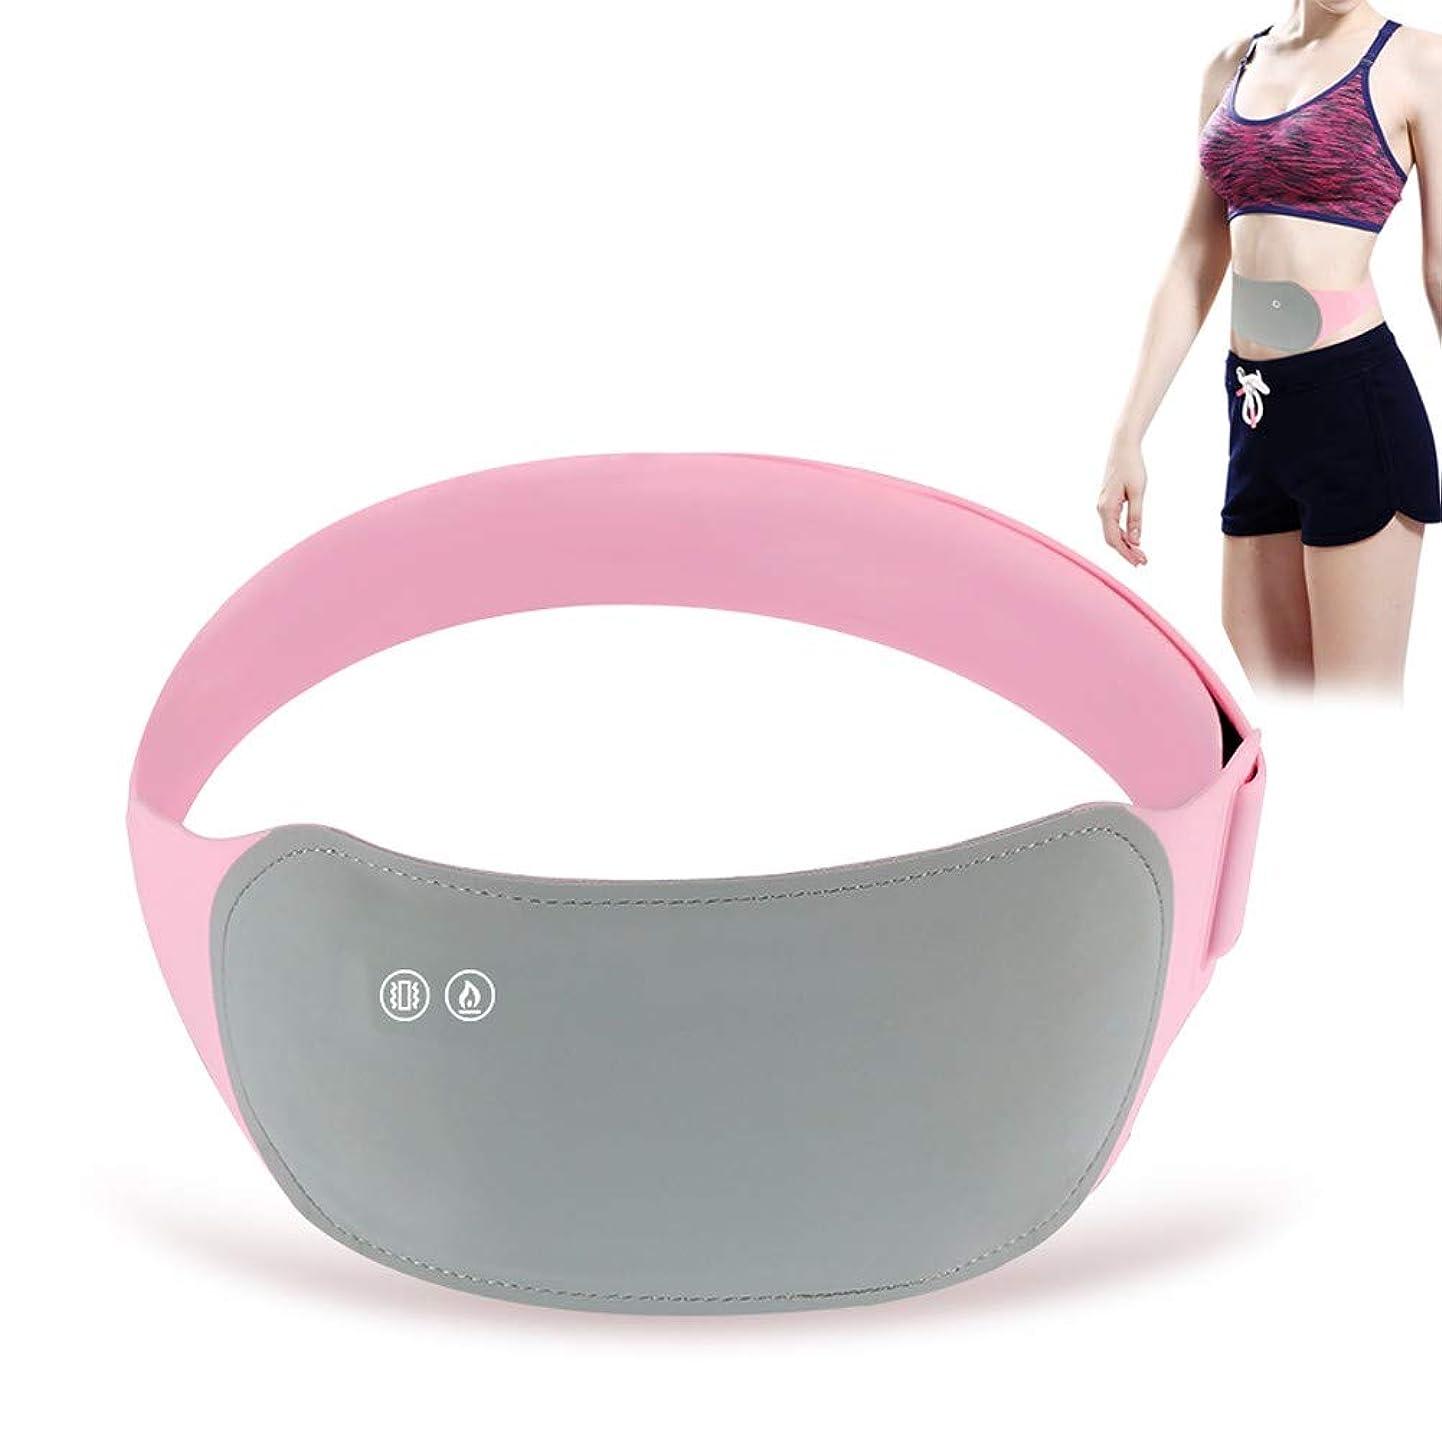 教えて再生可能合併減量ベルト減量機調節可能な振動マッサージ穏やかな熱い腹脂肪バーナーで女性のための消化/背中/腰/腕/脚/太もも/肩を促進しますGrey